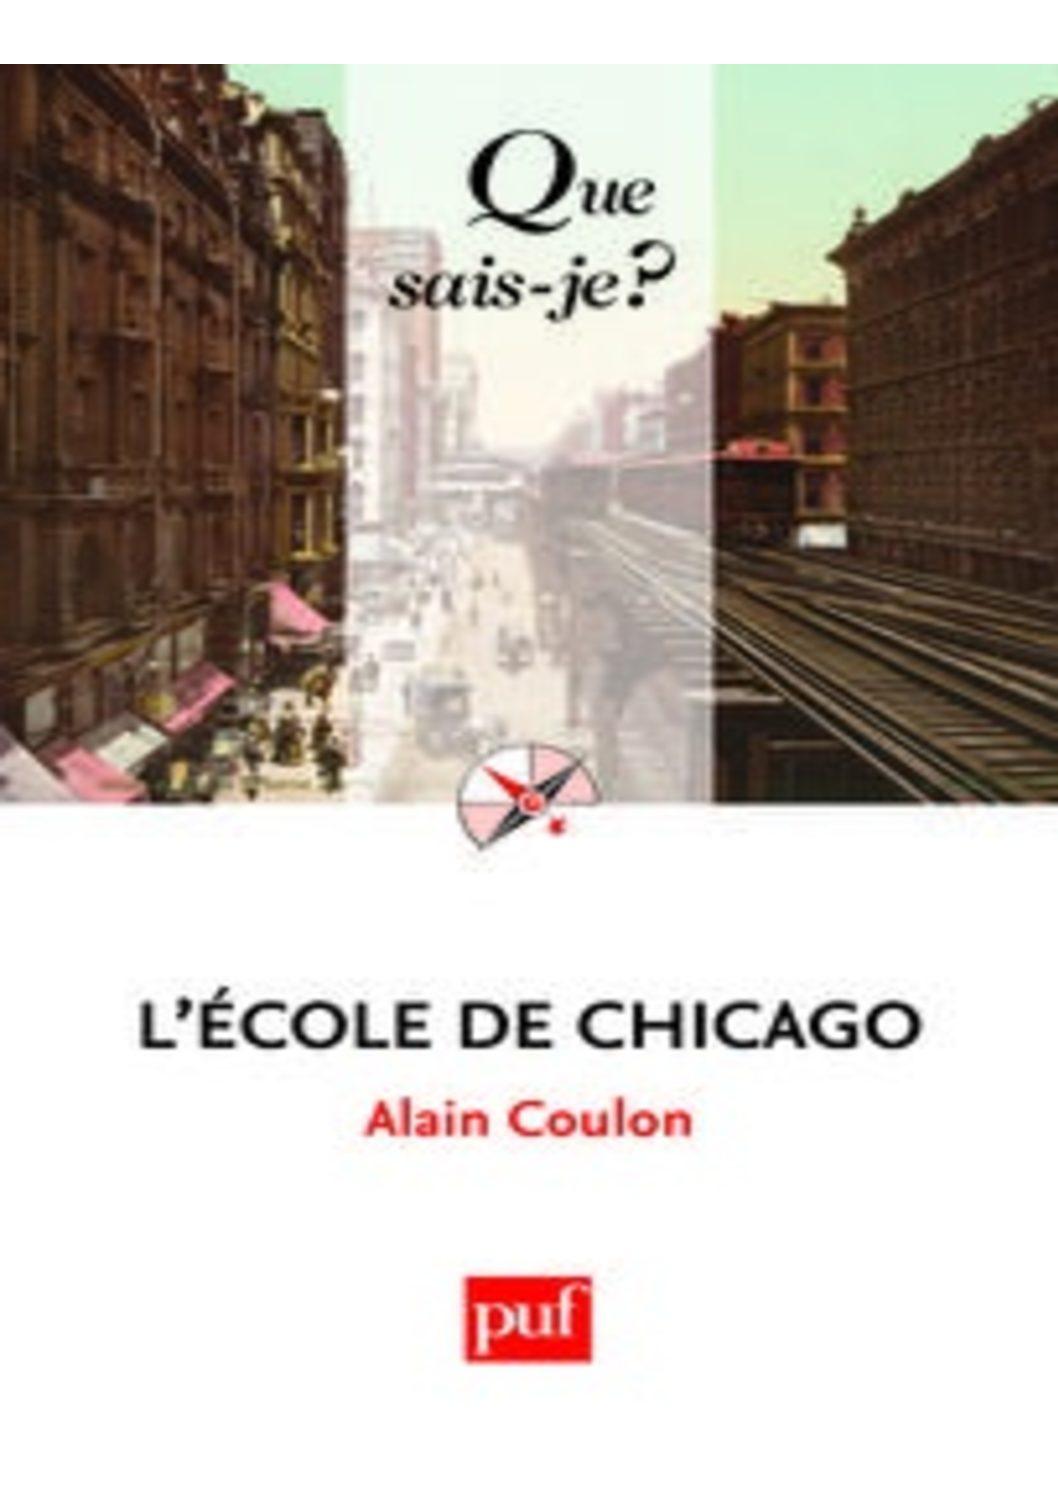 L'Ecole de Chicago, 5e édition